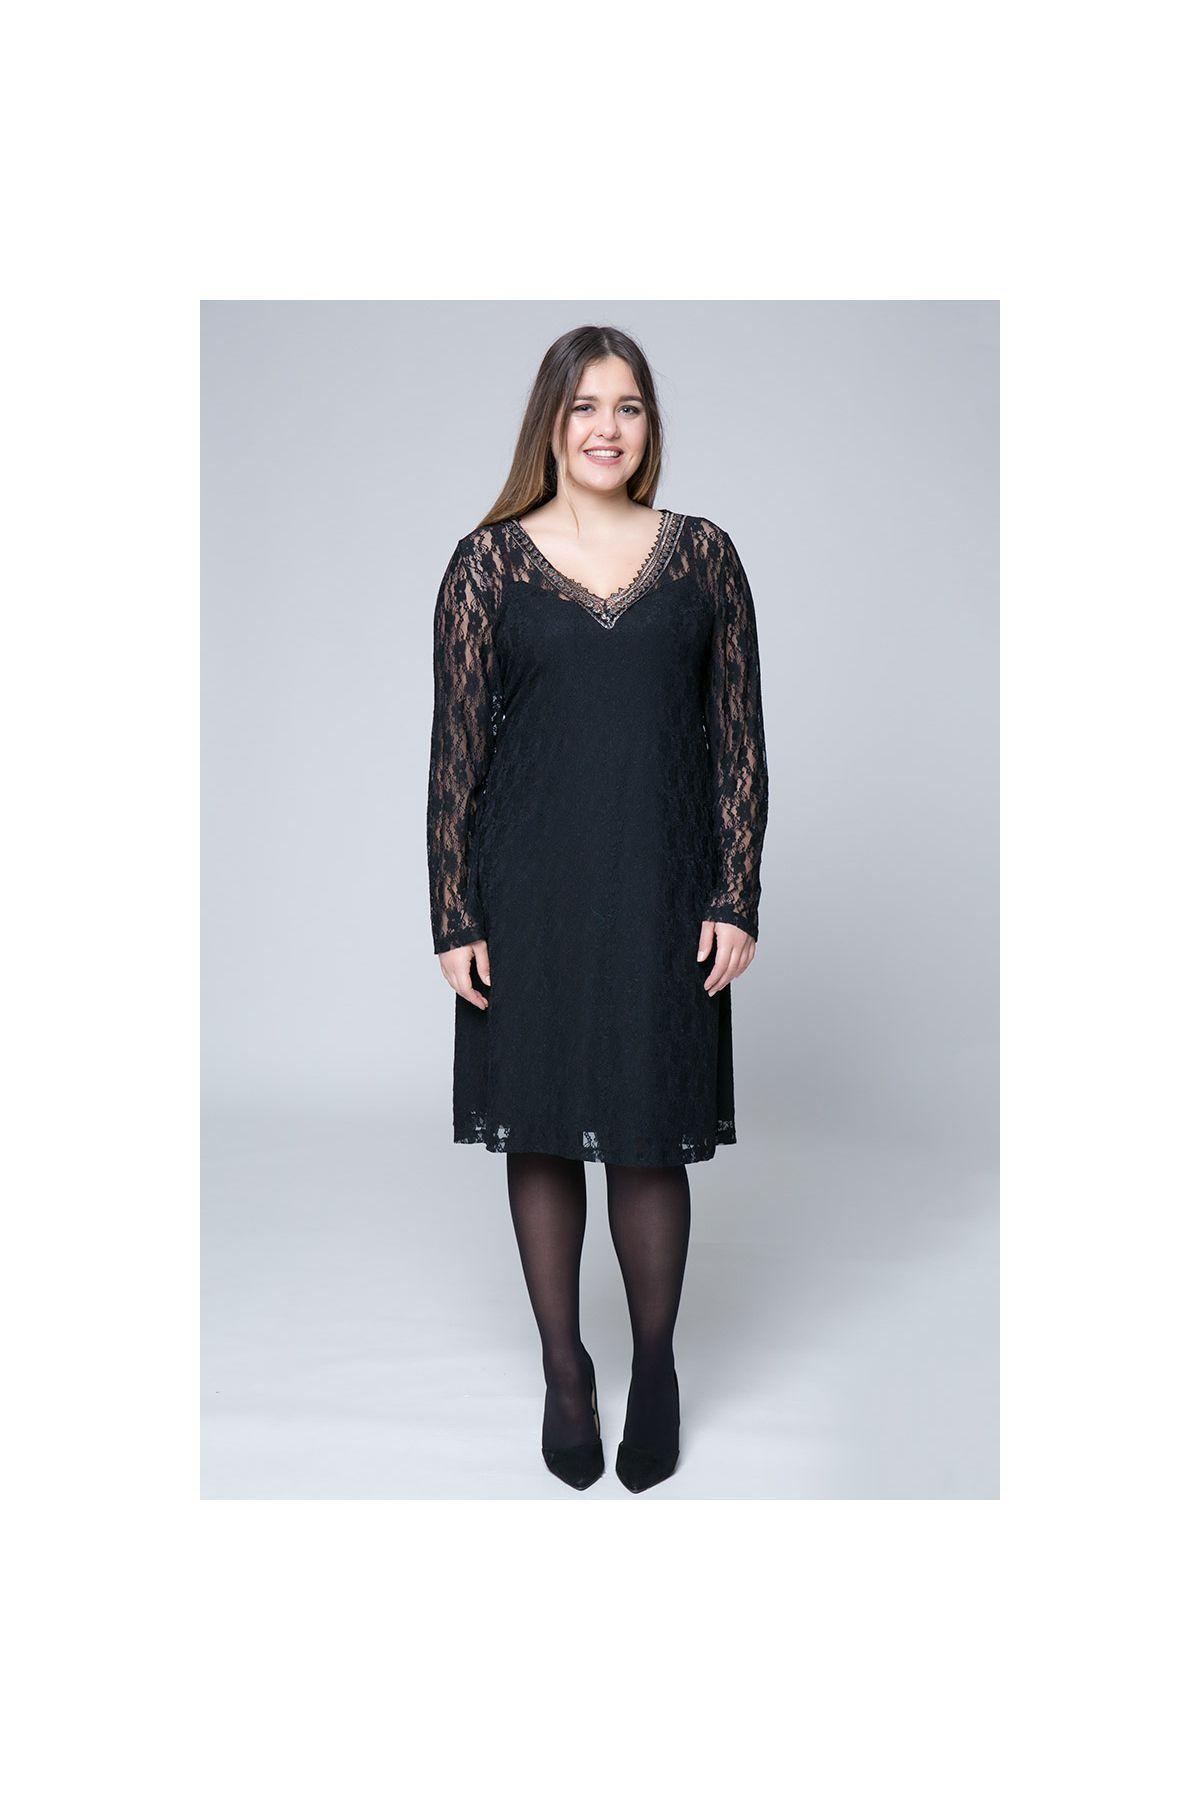 Midi διπλό φόρεμα δαντέλας σε μαύρο χρώμα με χρυσή τρέσα  aa7c8339e5f